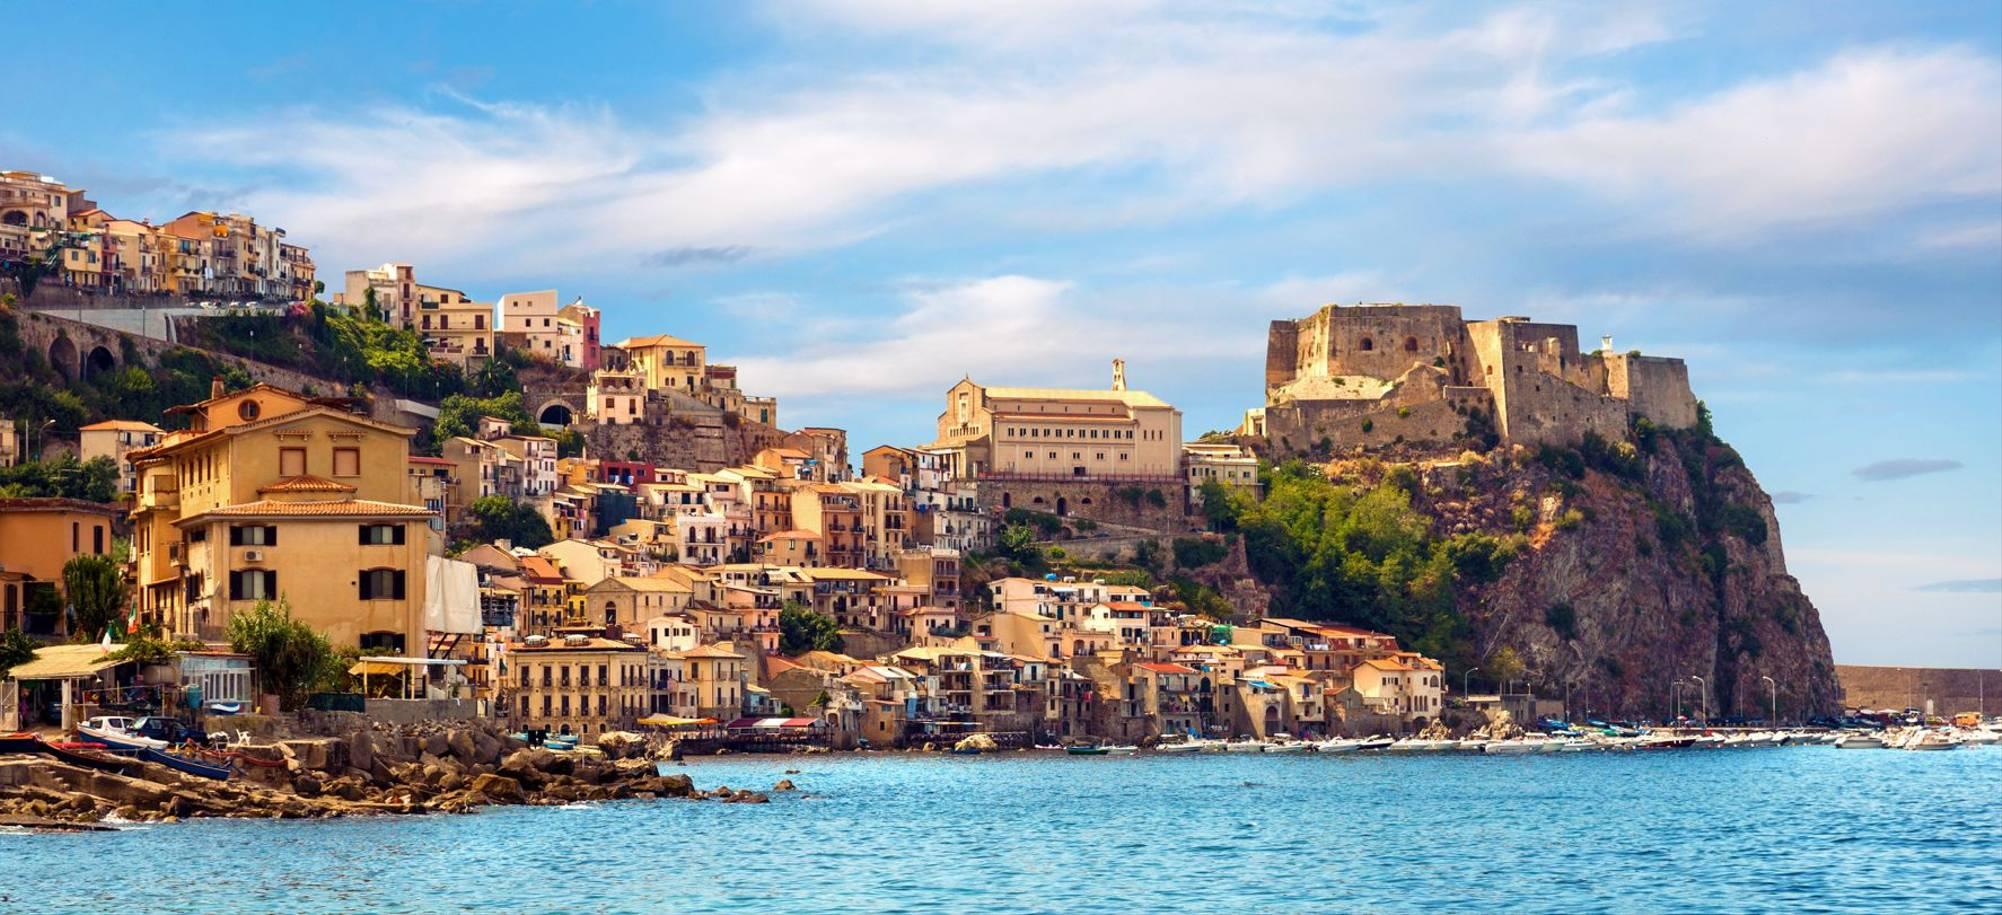 Itinerary Desktop_Sicily.jpg